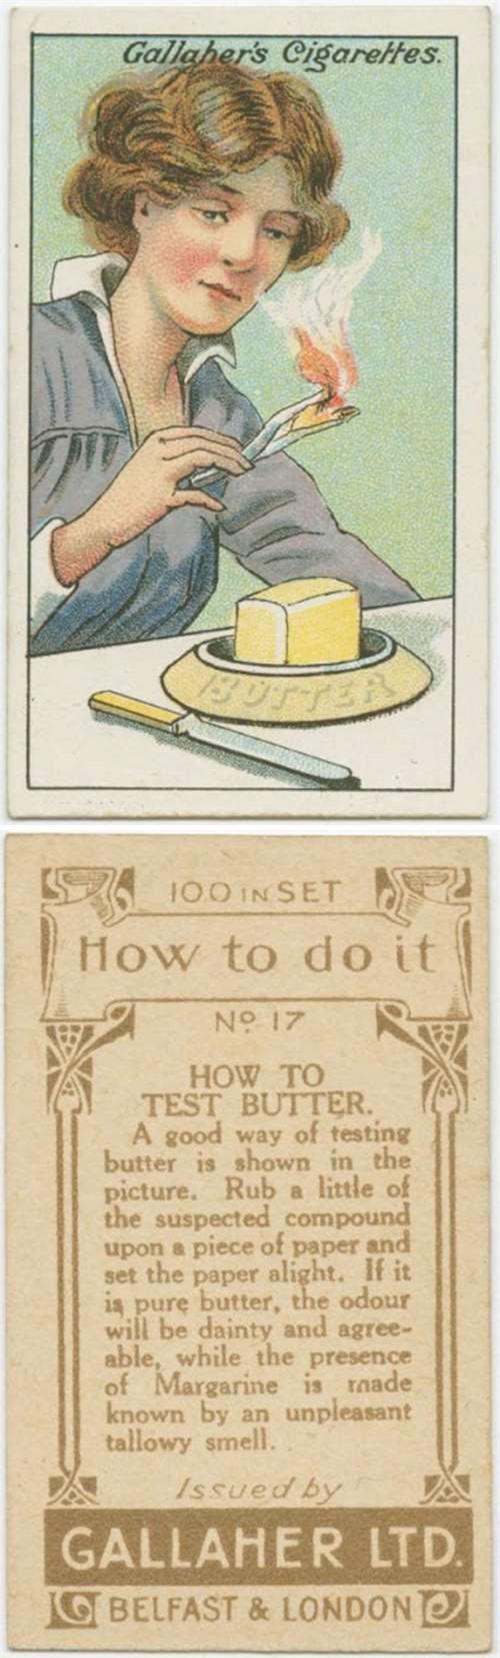 Những mẹo vặt của 100 năm trước vẫn đúng đến tận ngày nay - 6